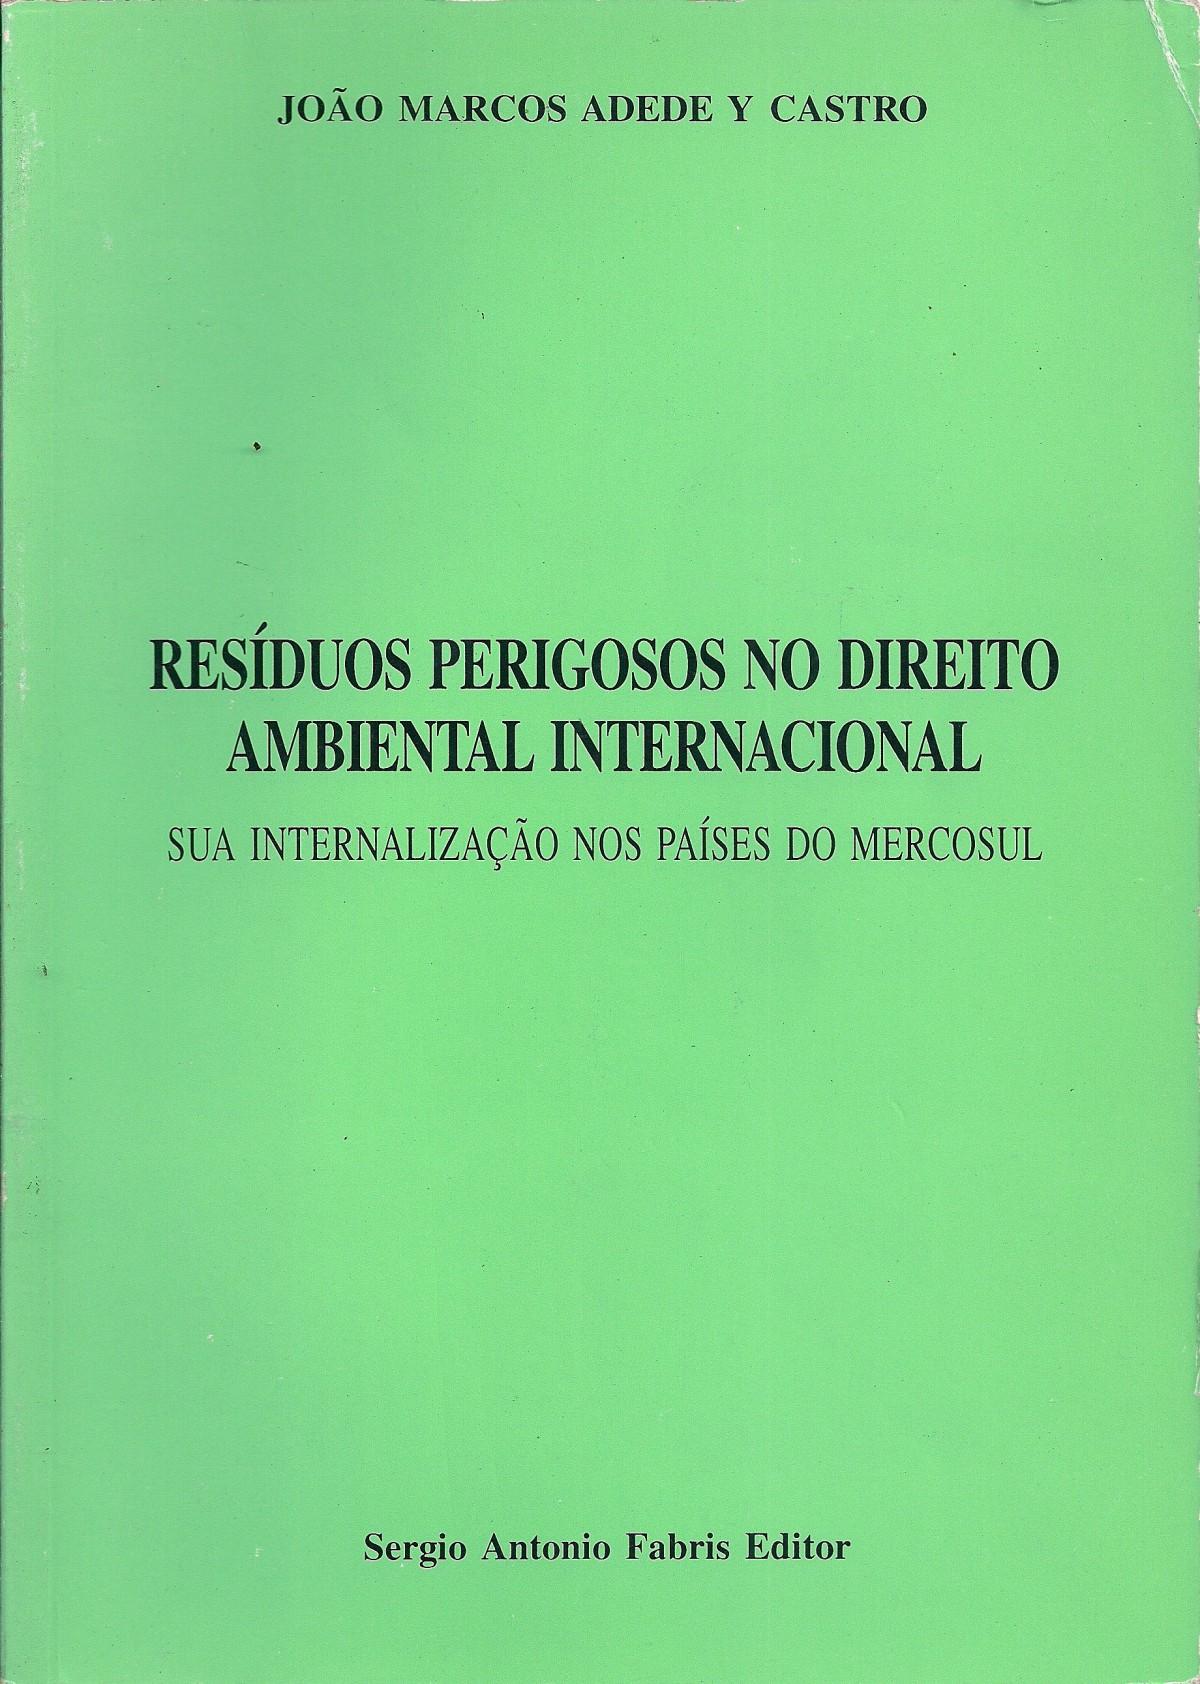 Foto 1 - Resíduos Perigosos no Direito Ambiental Internacional